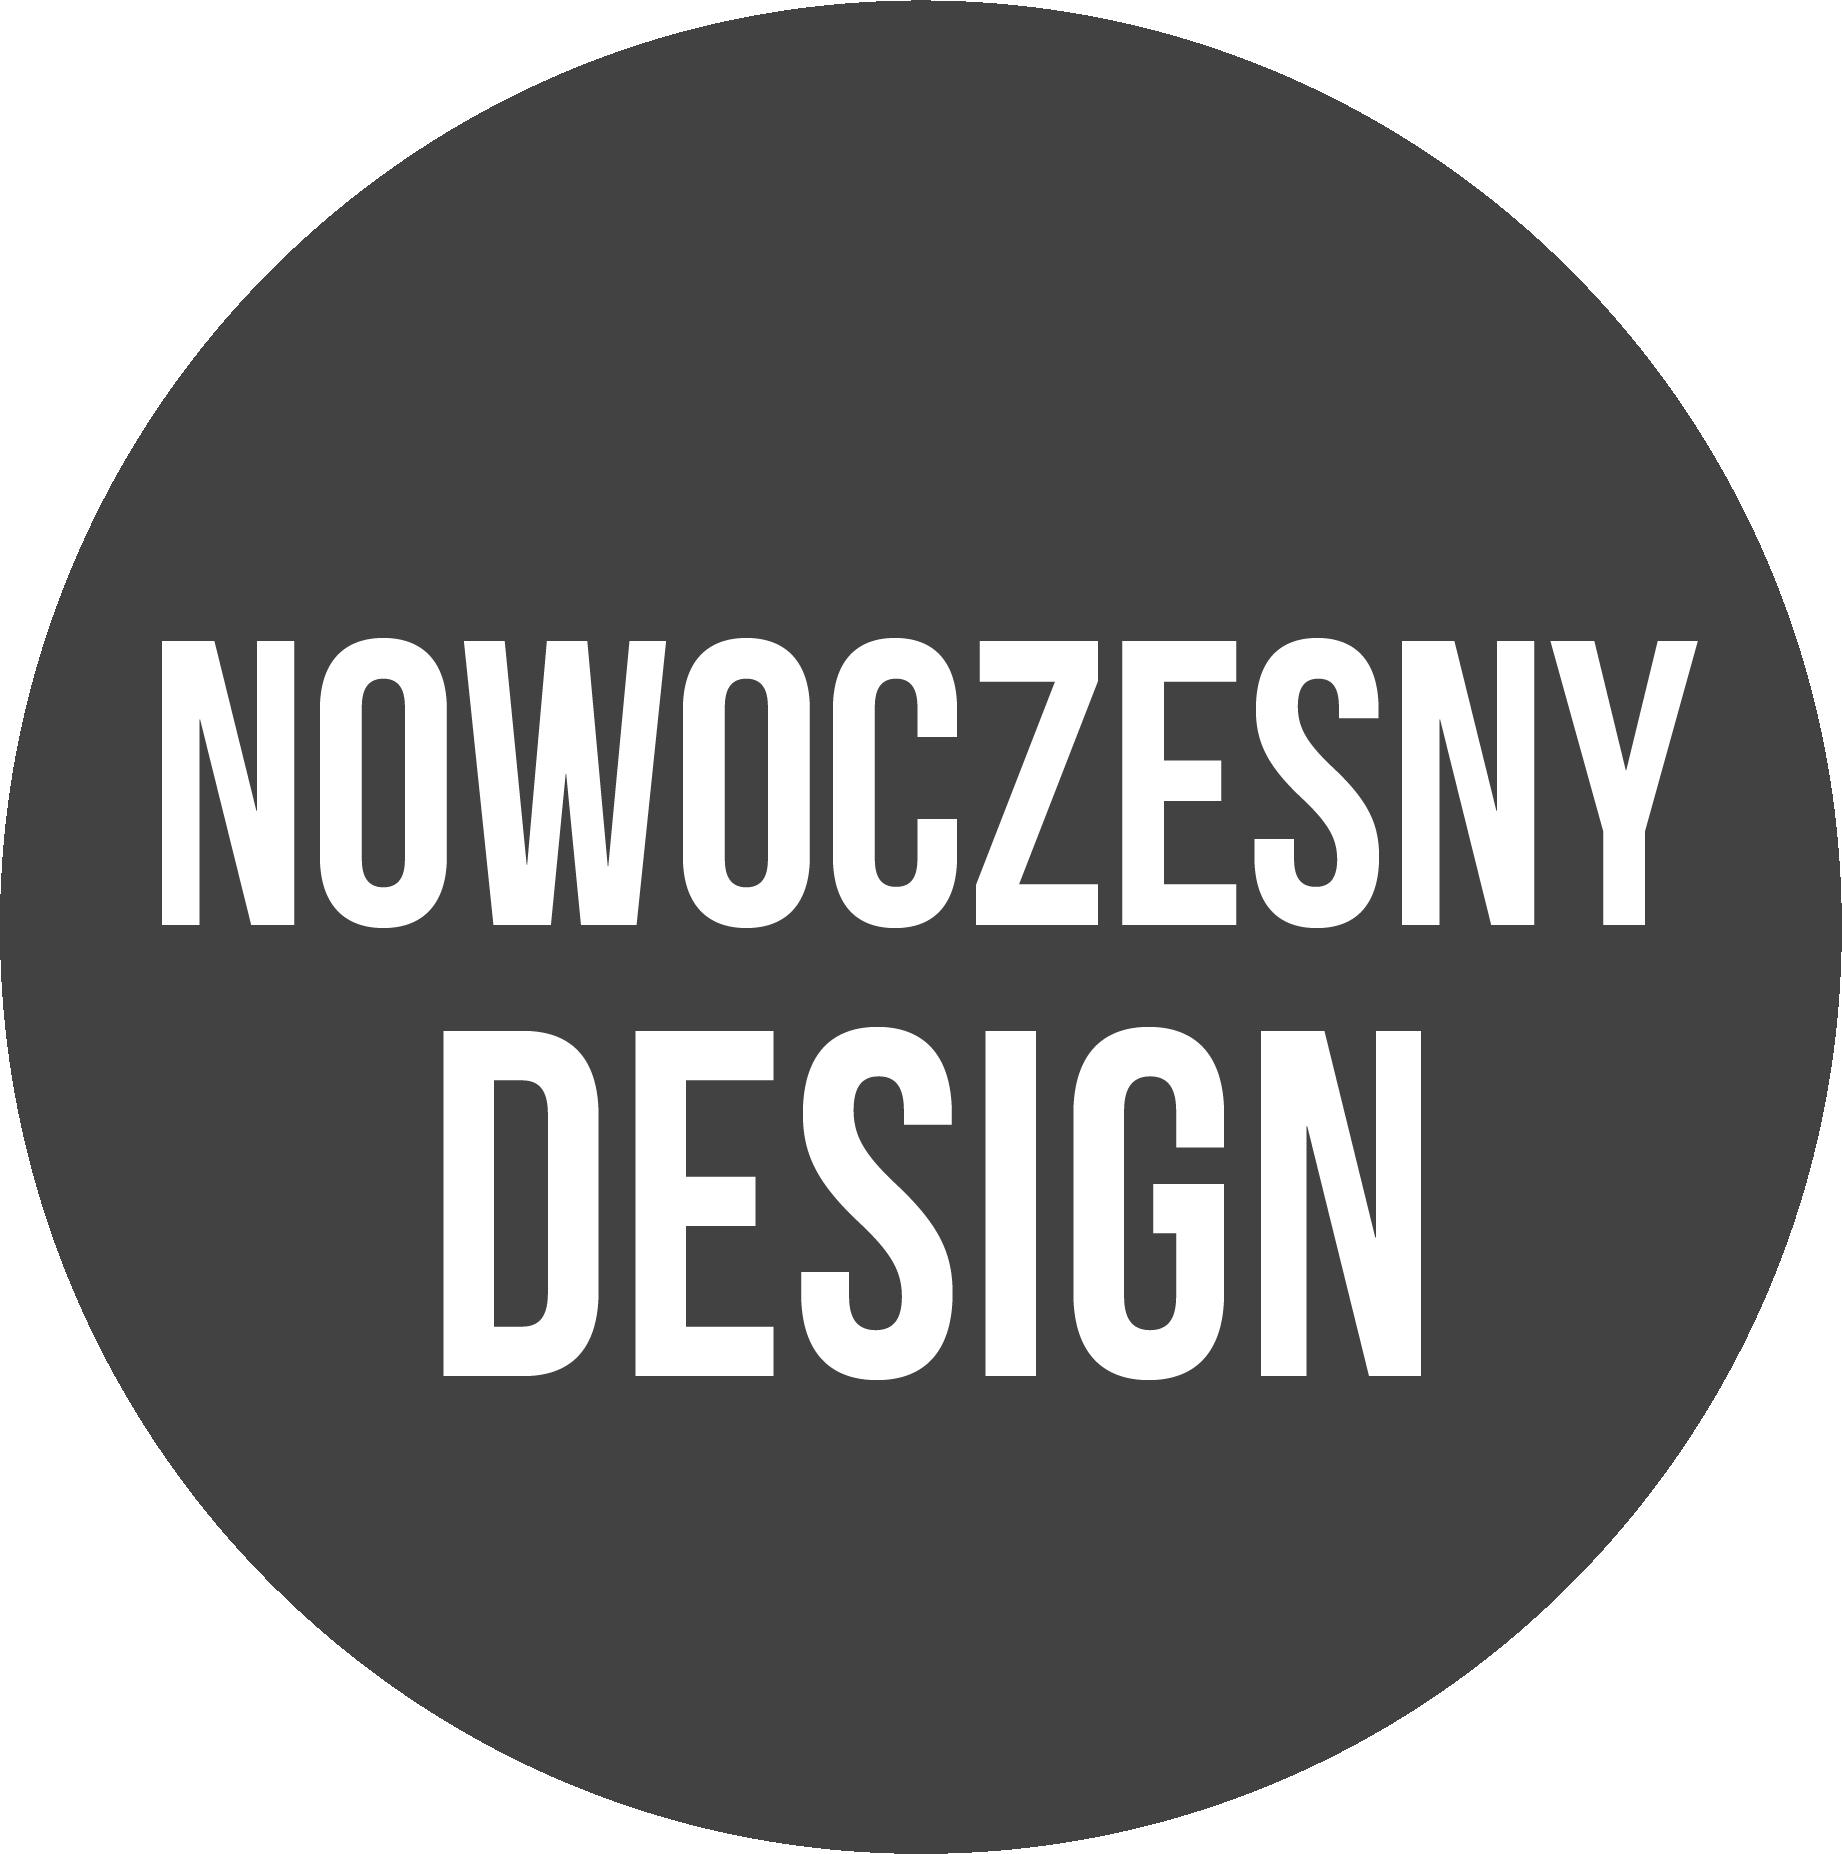 nowoczesnydesign